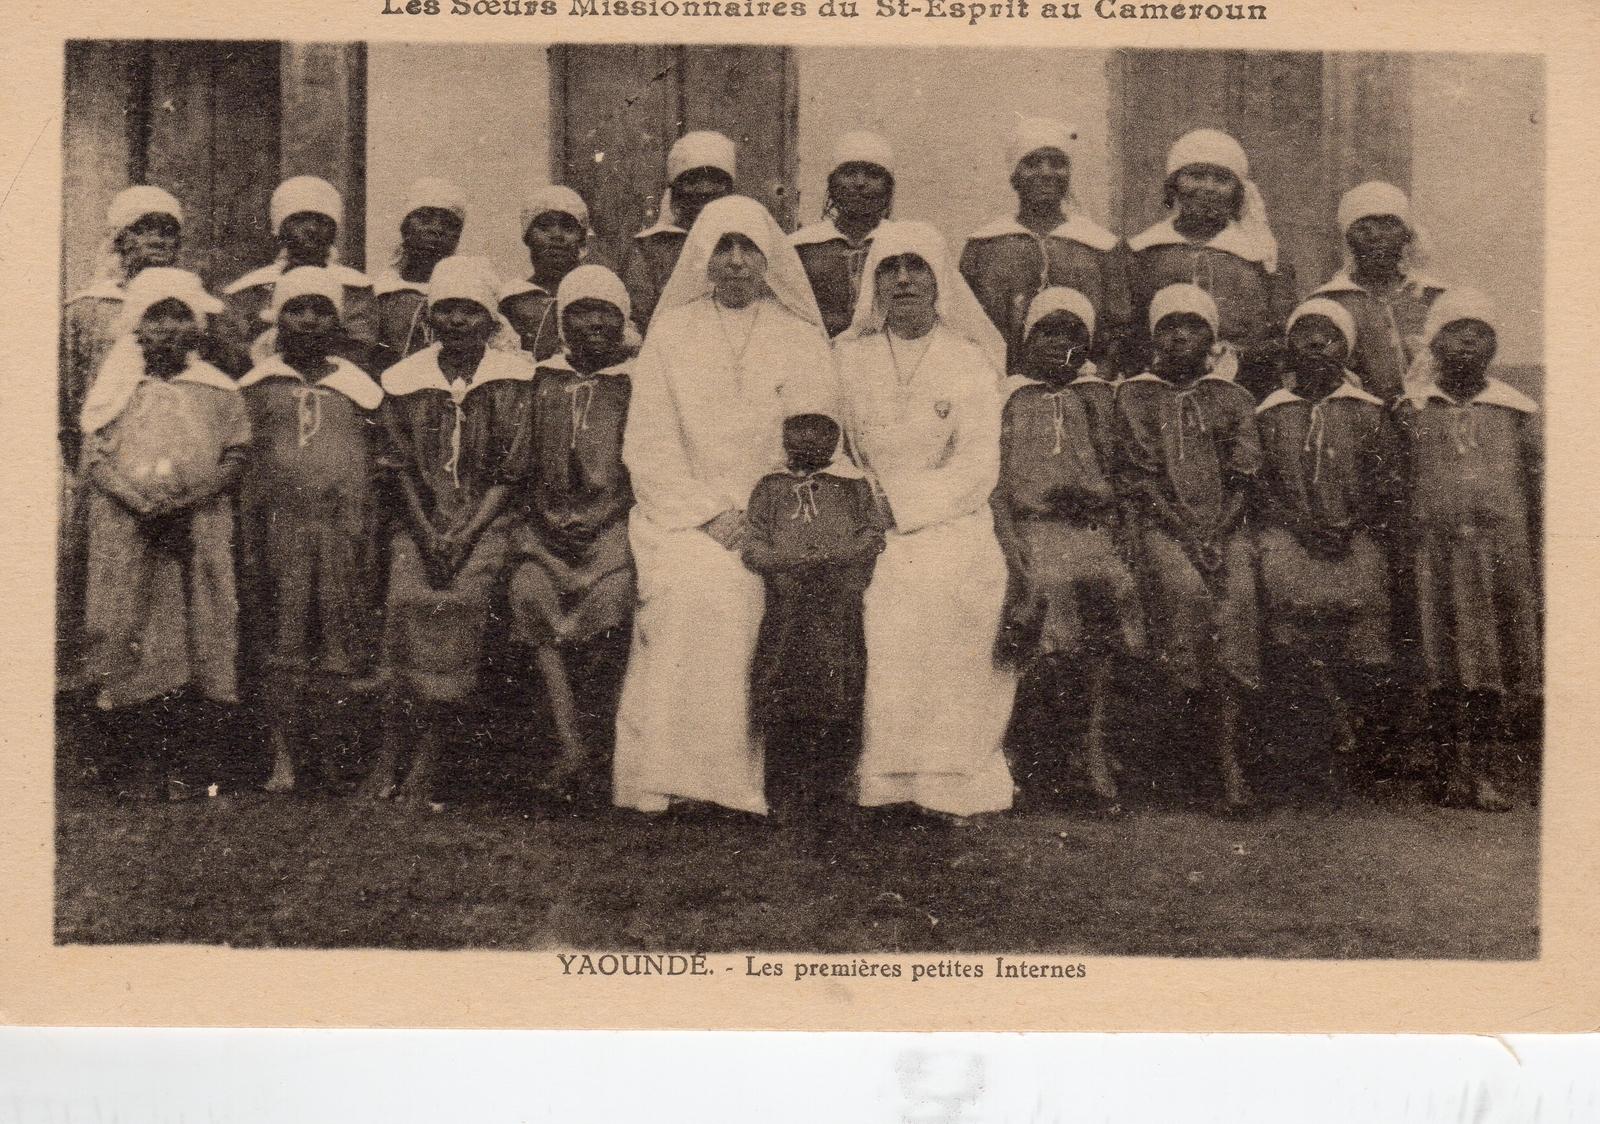 Yaoundé -  Les Soeurs Missionnaires du Saint Esprit Les premières petites internes